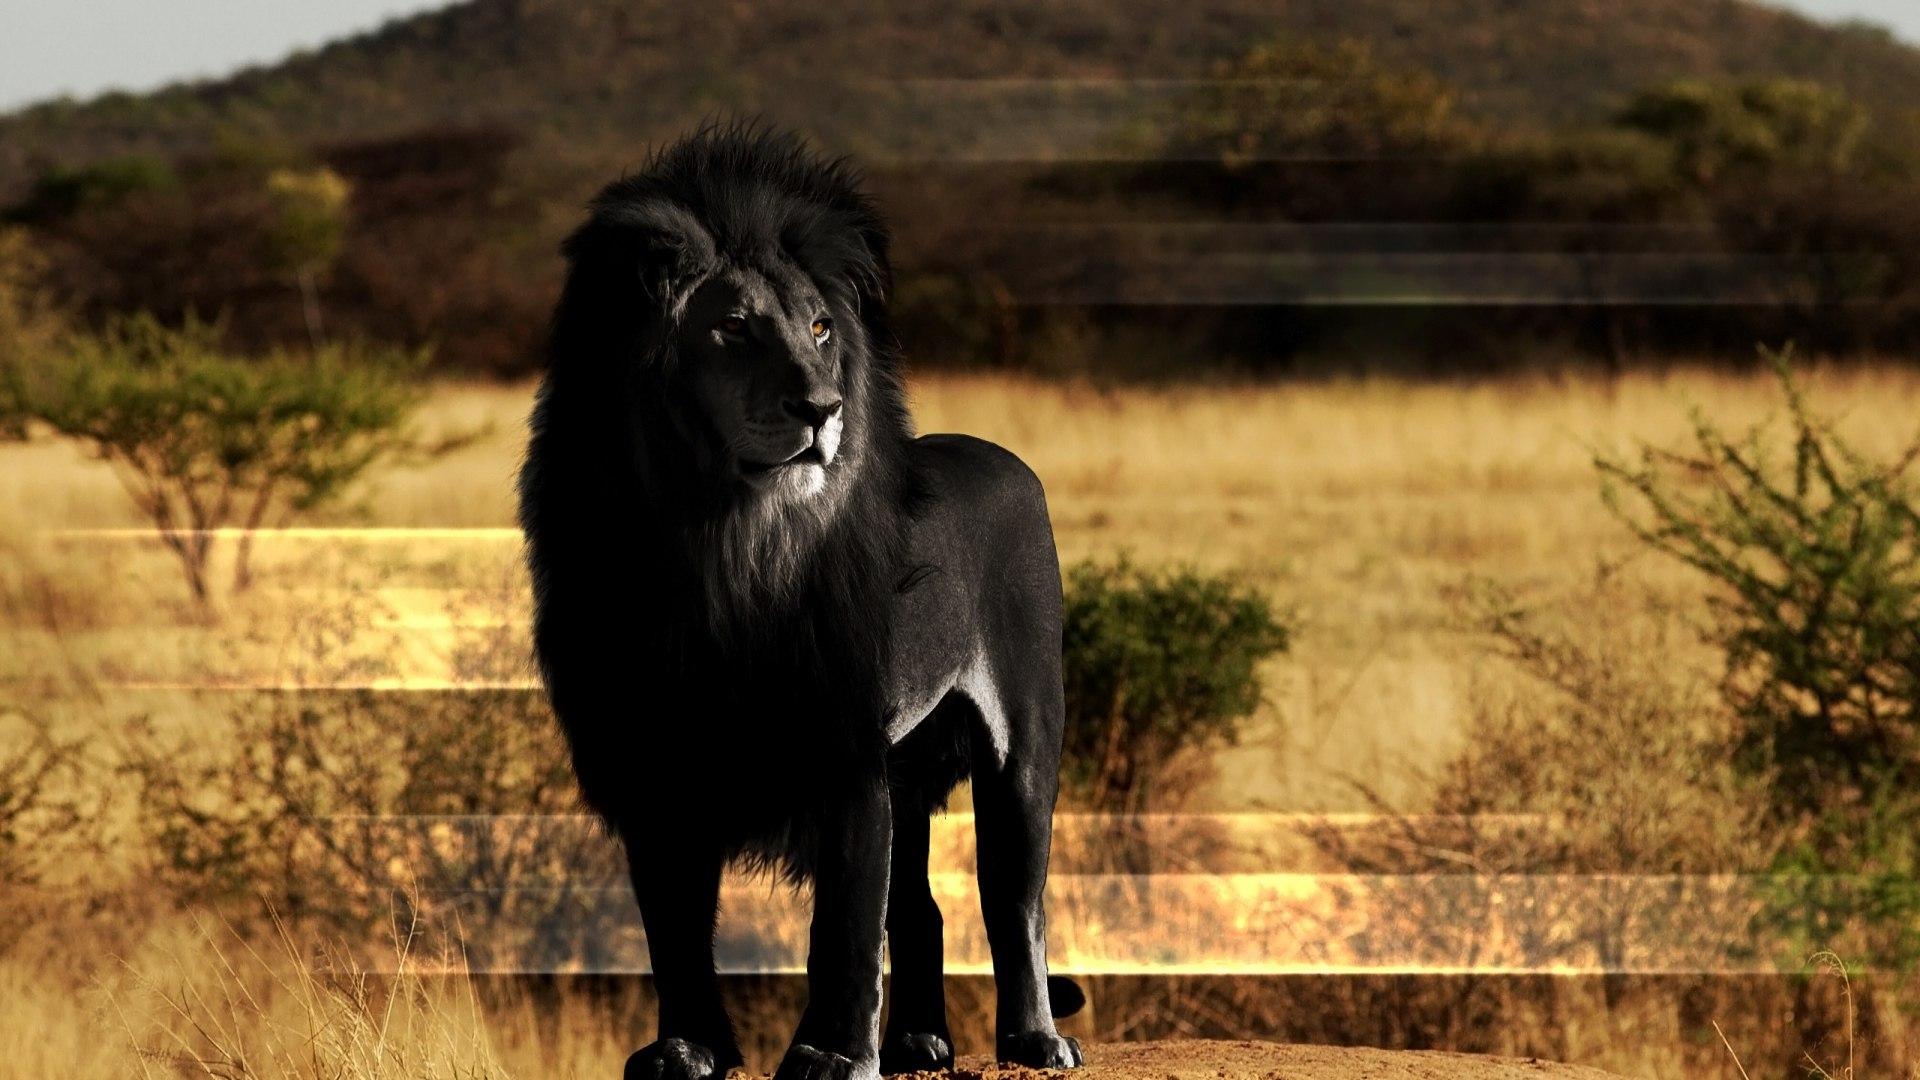 Фото концепция черного тигра по родословной прямой восходящей линии